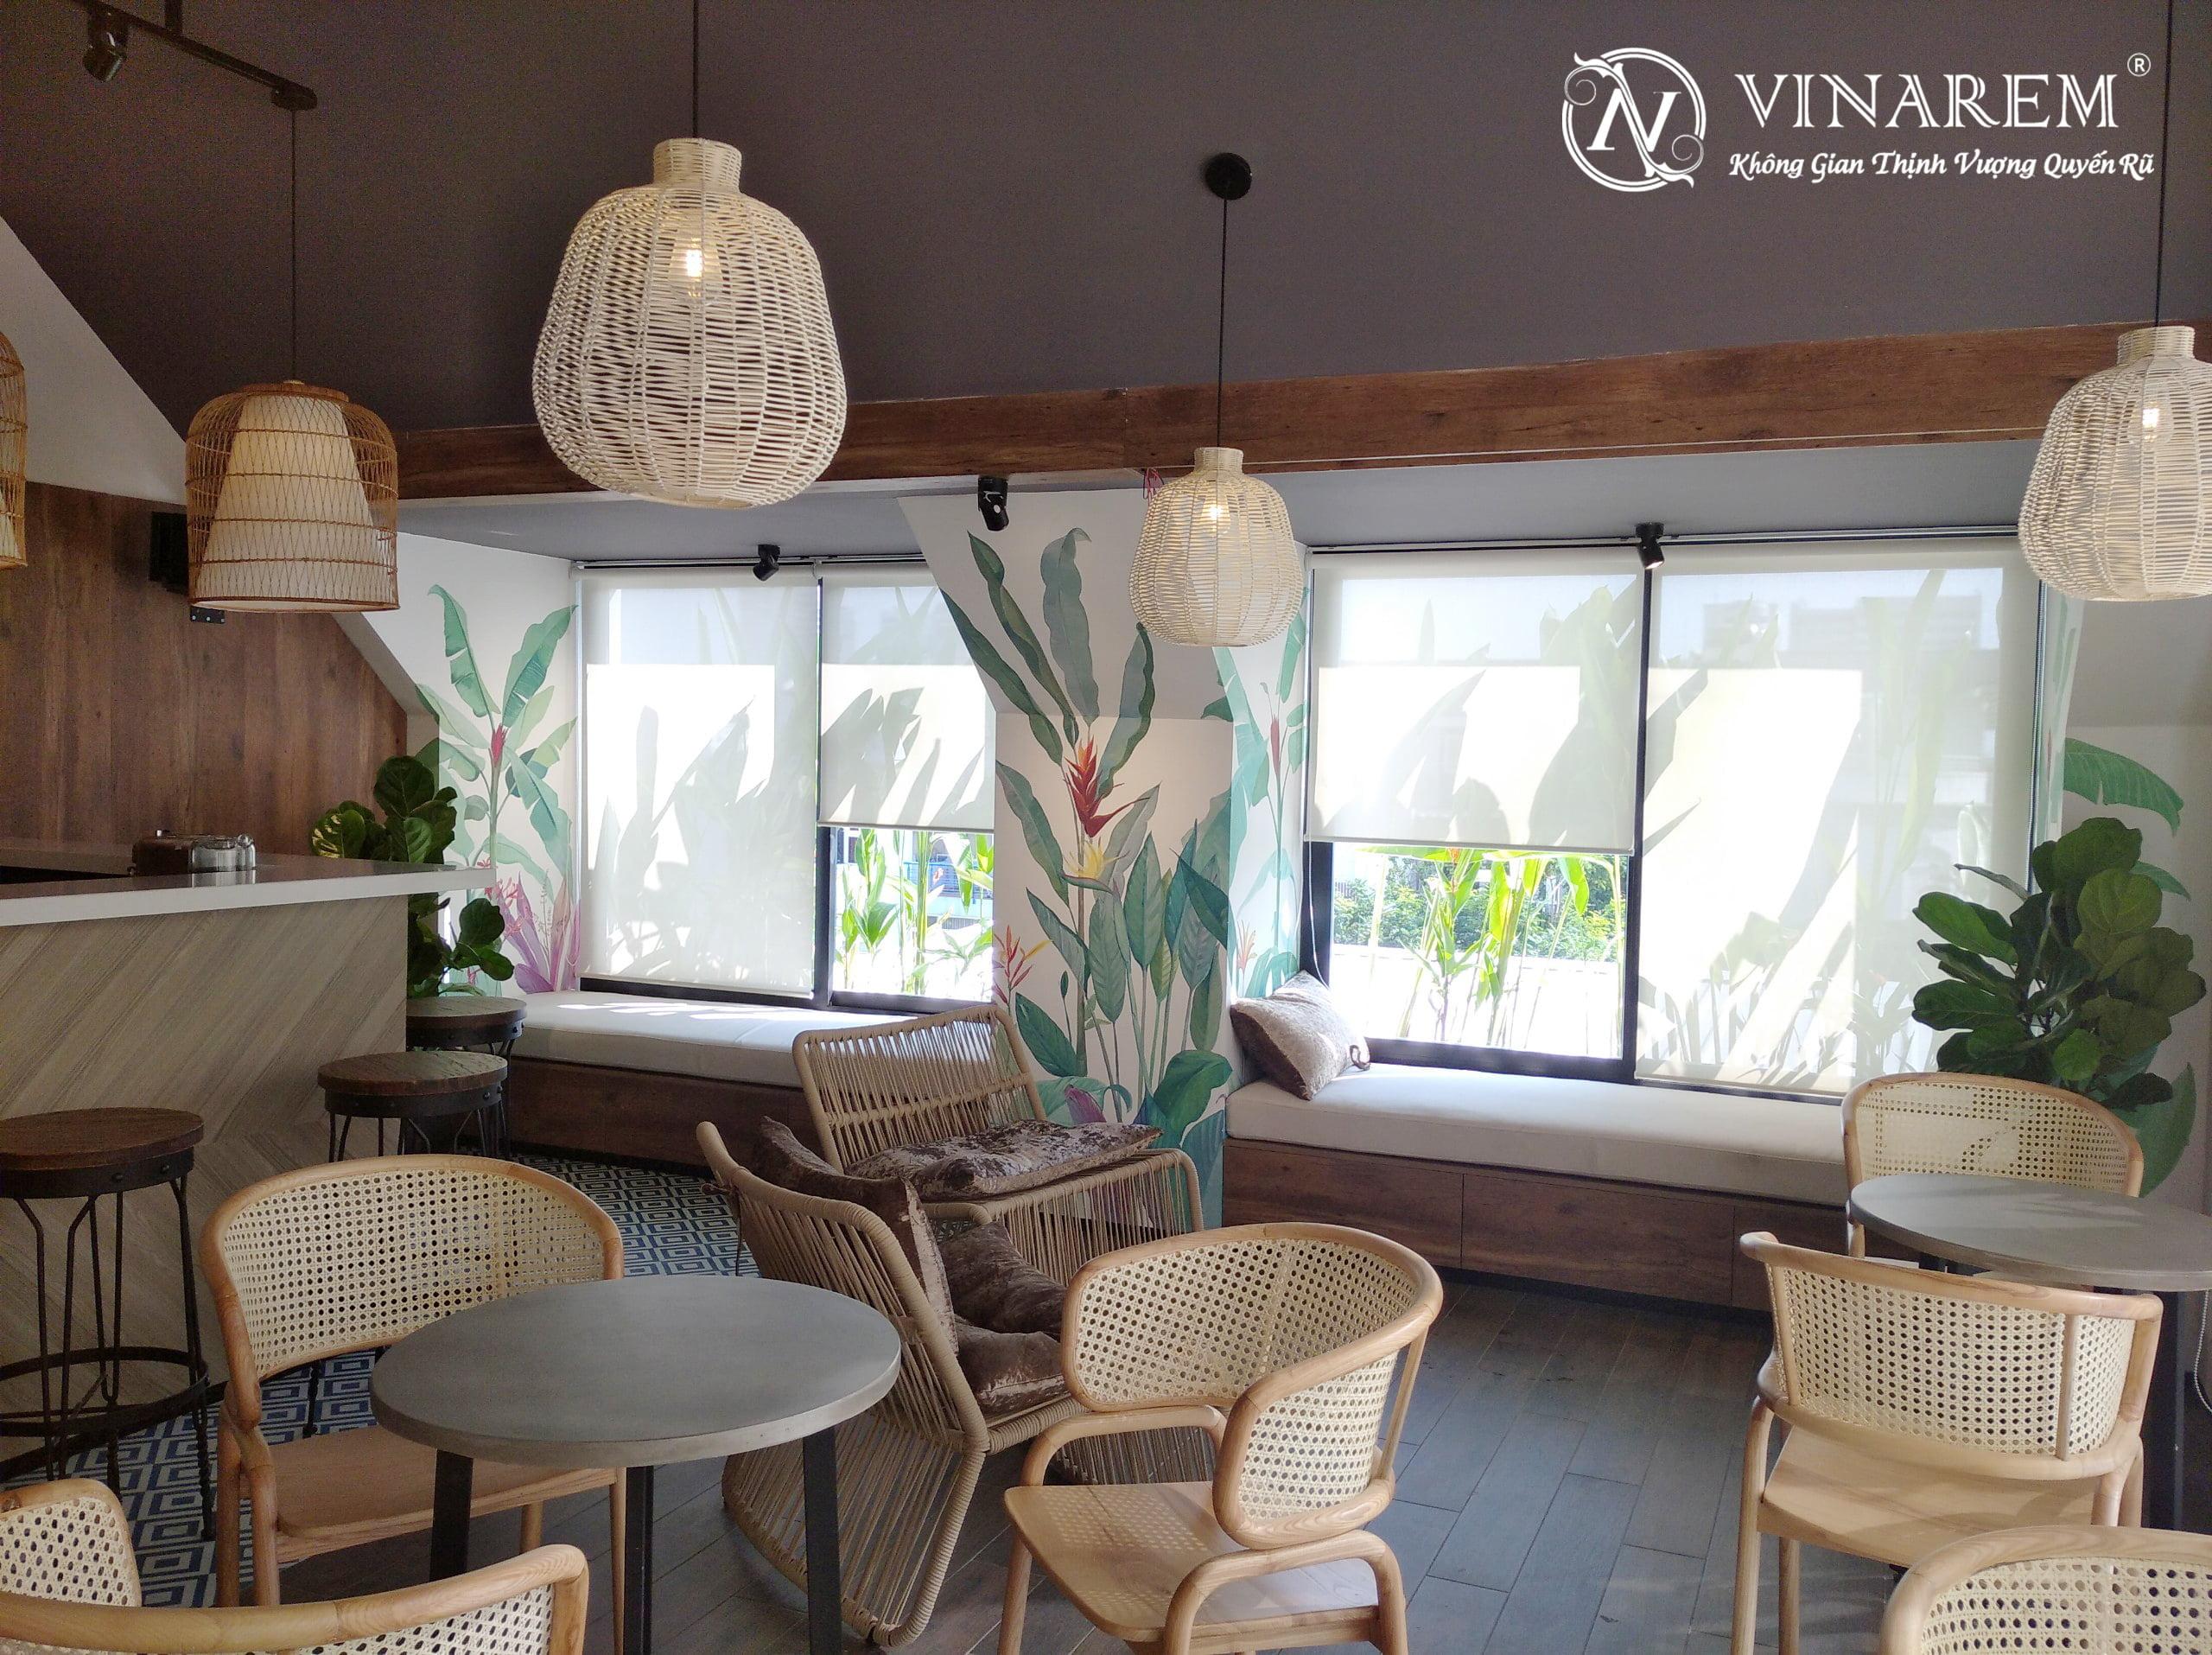 Rèm cuốn màu trắng sang trọng dành cho quán cà phê hiện đại | Vinarem